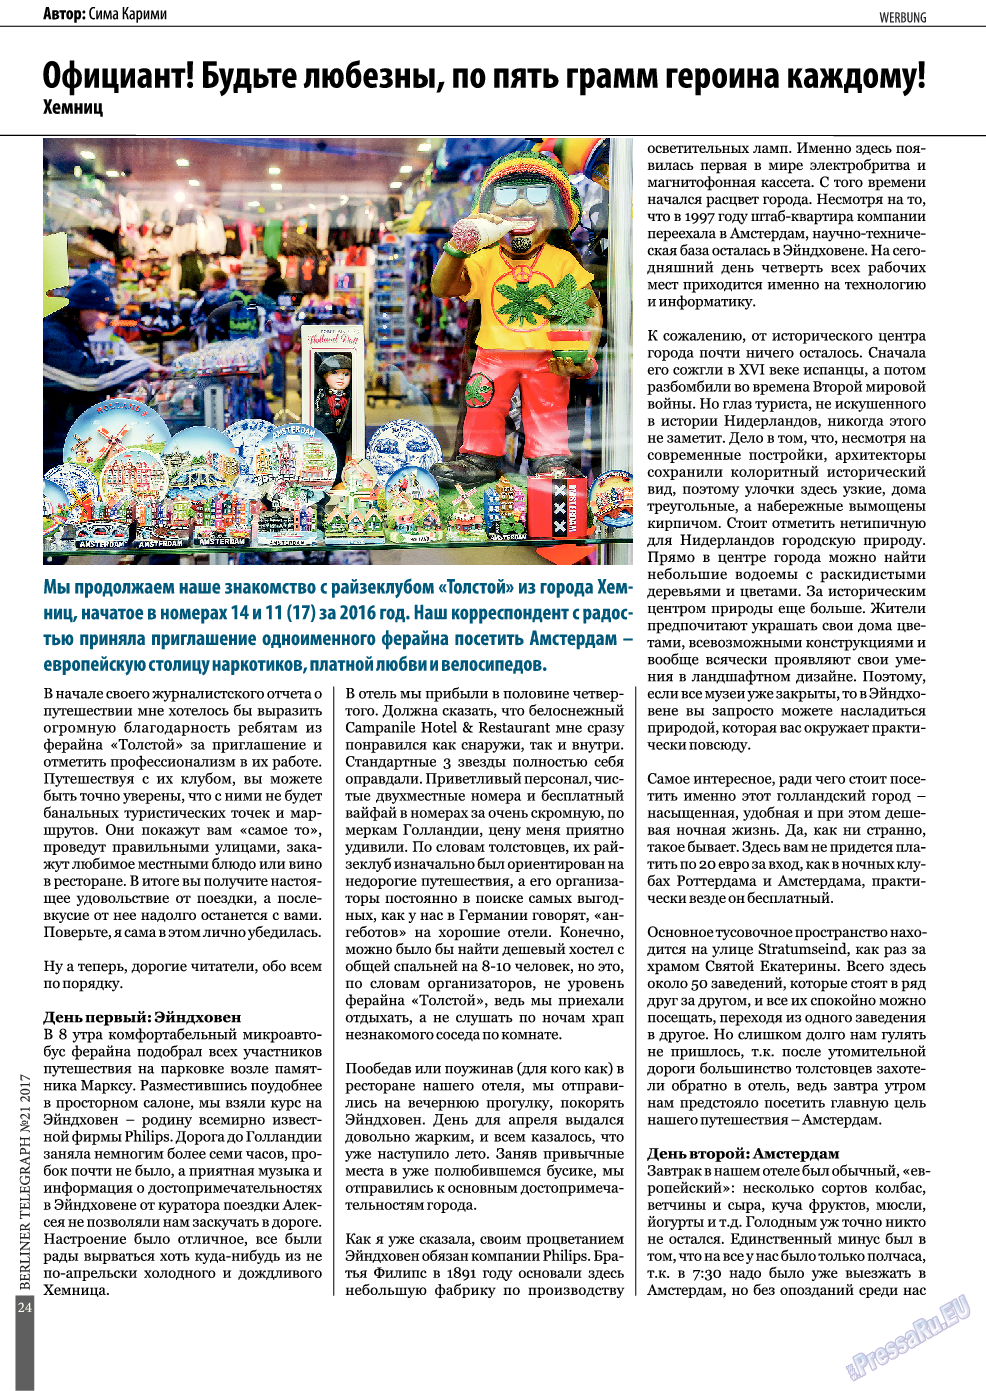 Берлинский телеграф (журнал). 2017 год, номер 21, стр. 24